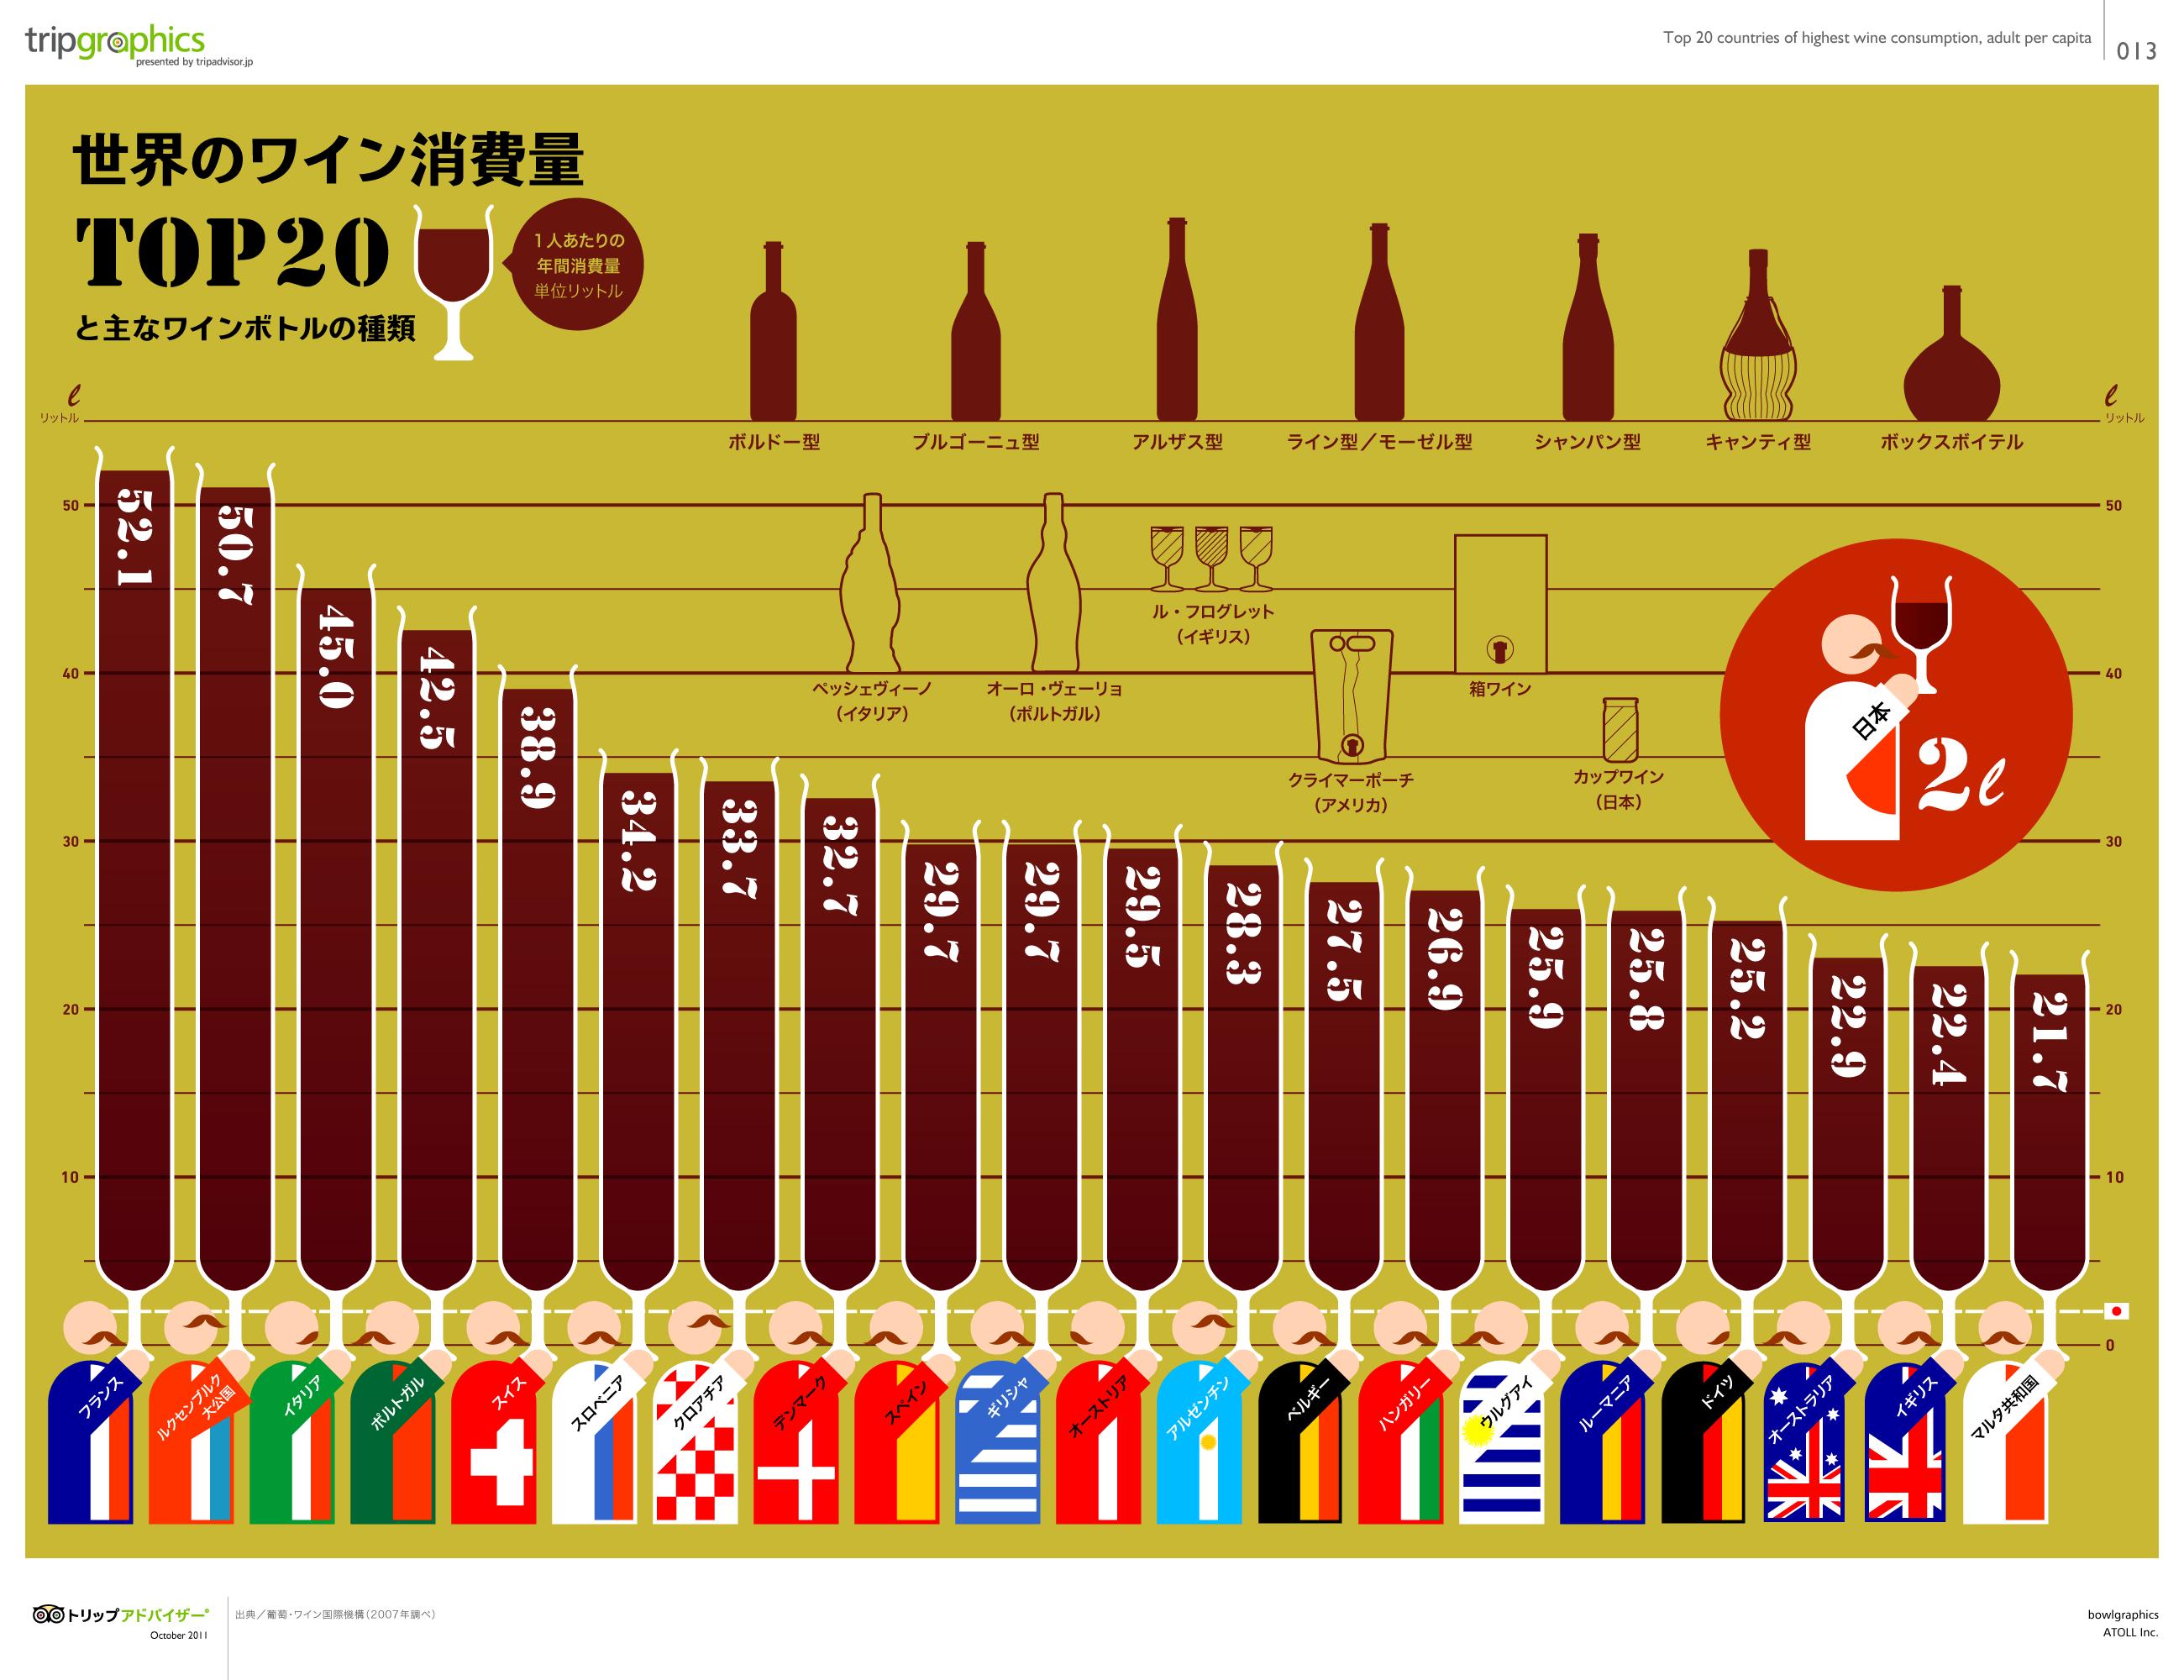 インフォグラフィック:ワインを飲む量が多い国はどこ?毎日は危険!飲みすぎは発がん性を高める